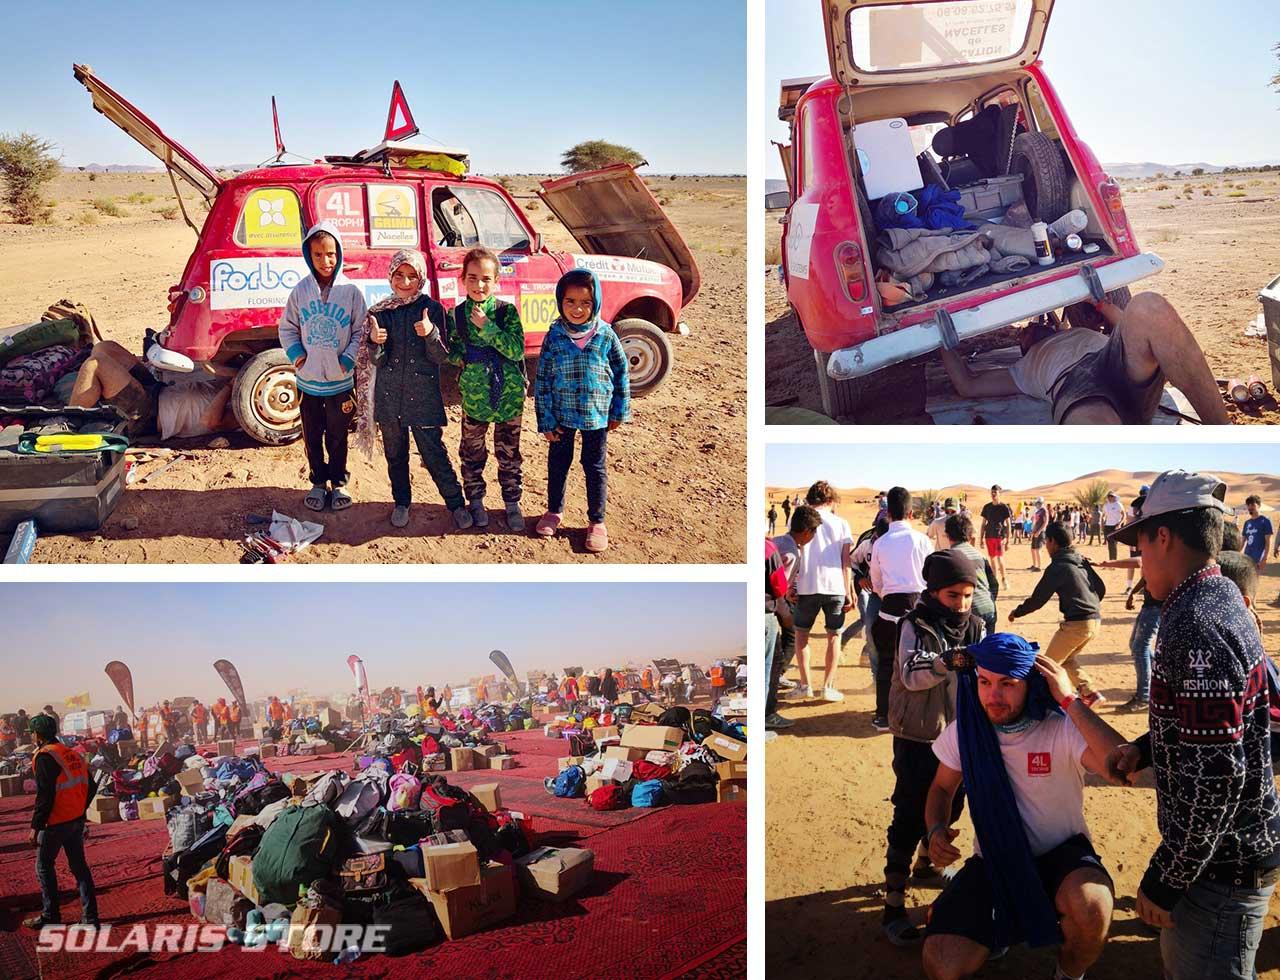 Avant d'arriver à Marrakech, les participants ont livré du matériel scolaire et des denrées alimentaires